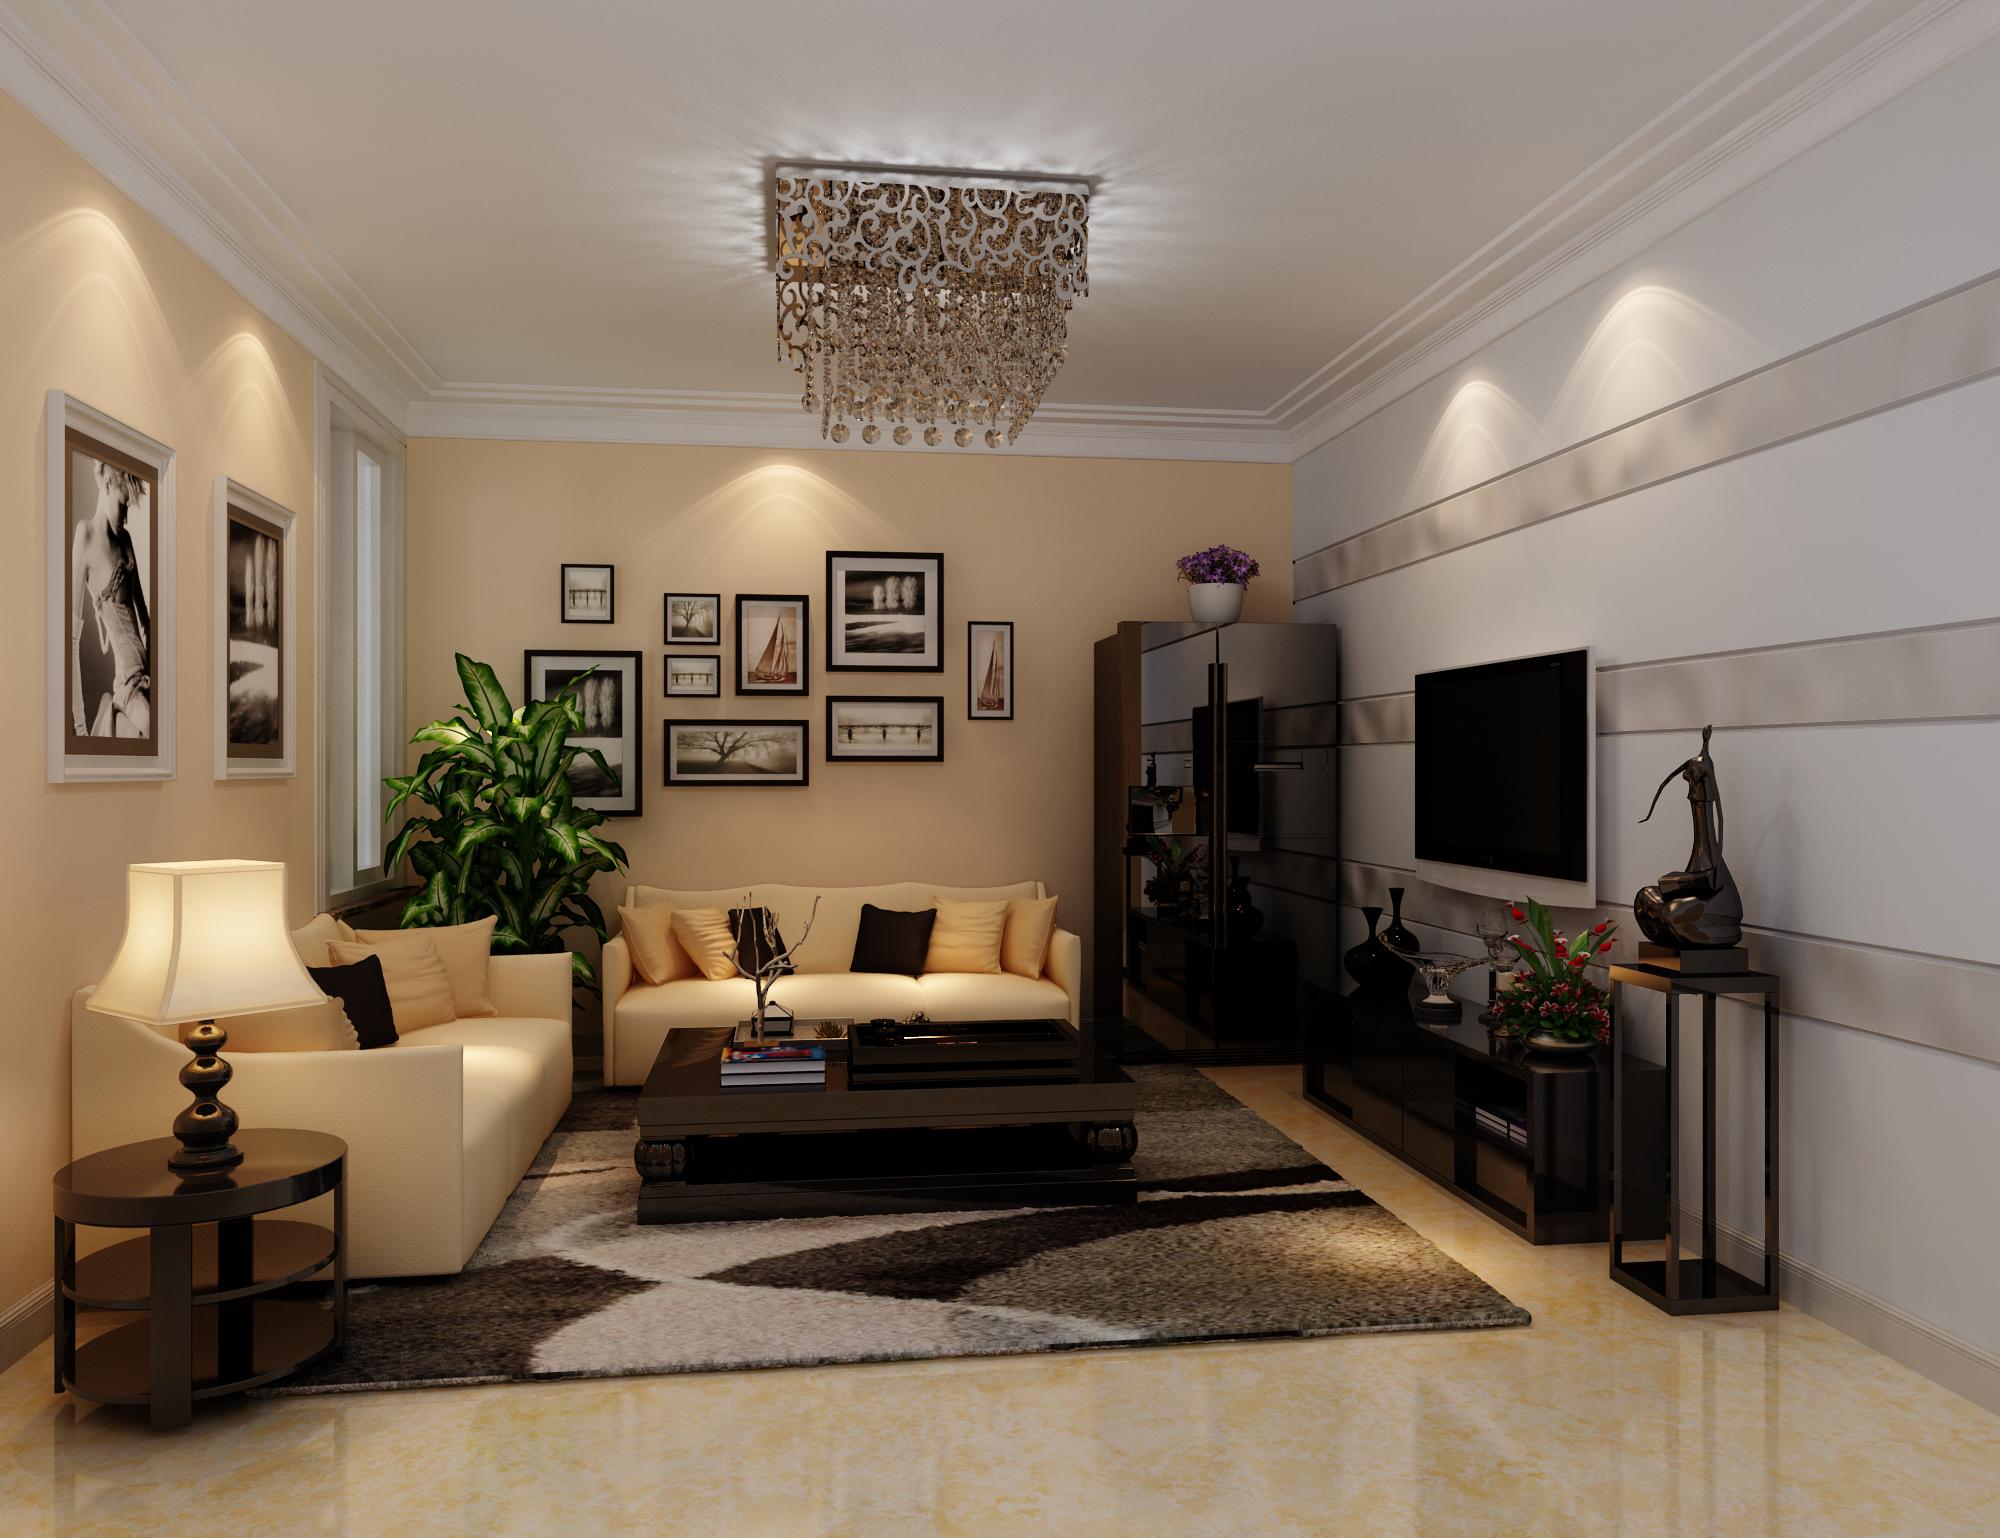 客厅图片来自石俊全在金隅悦和园效果图的分享